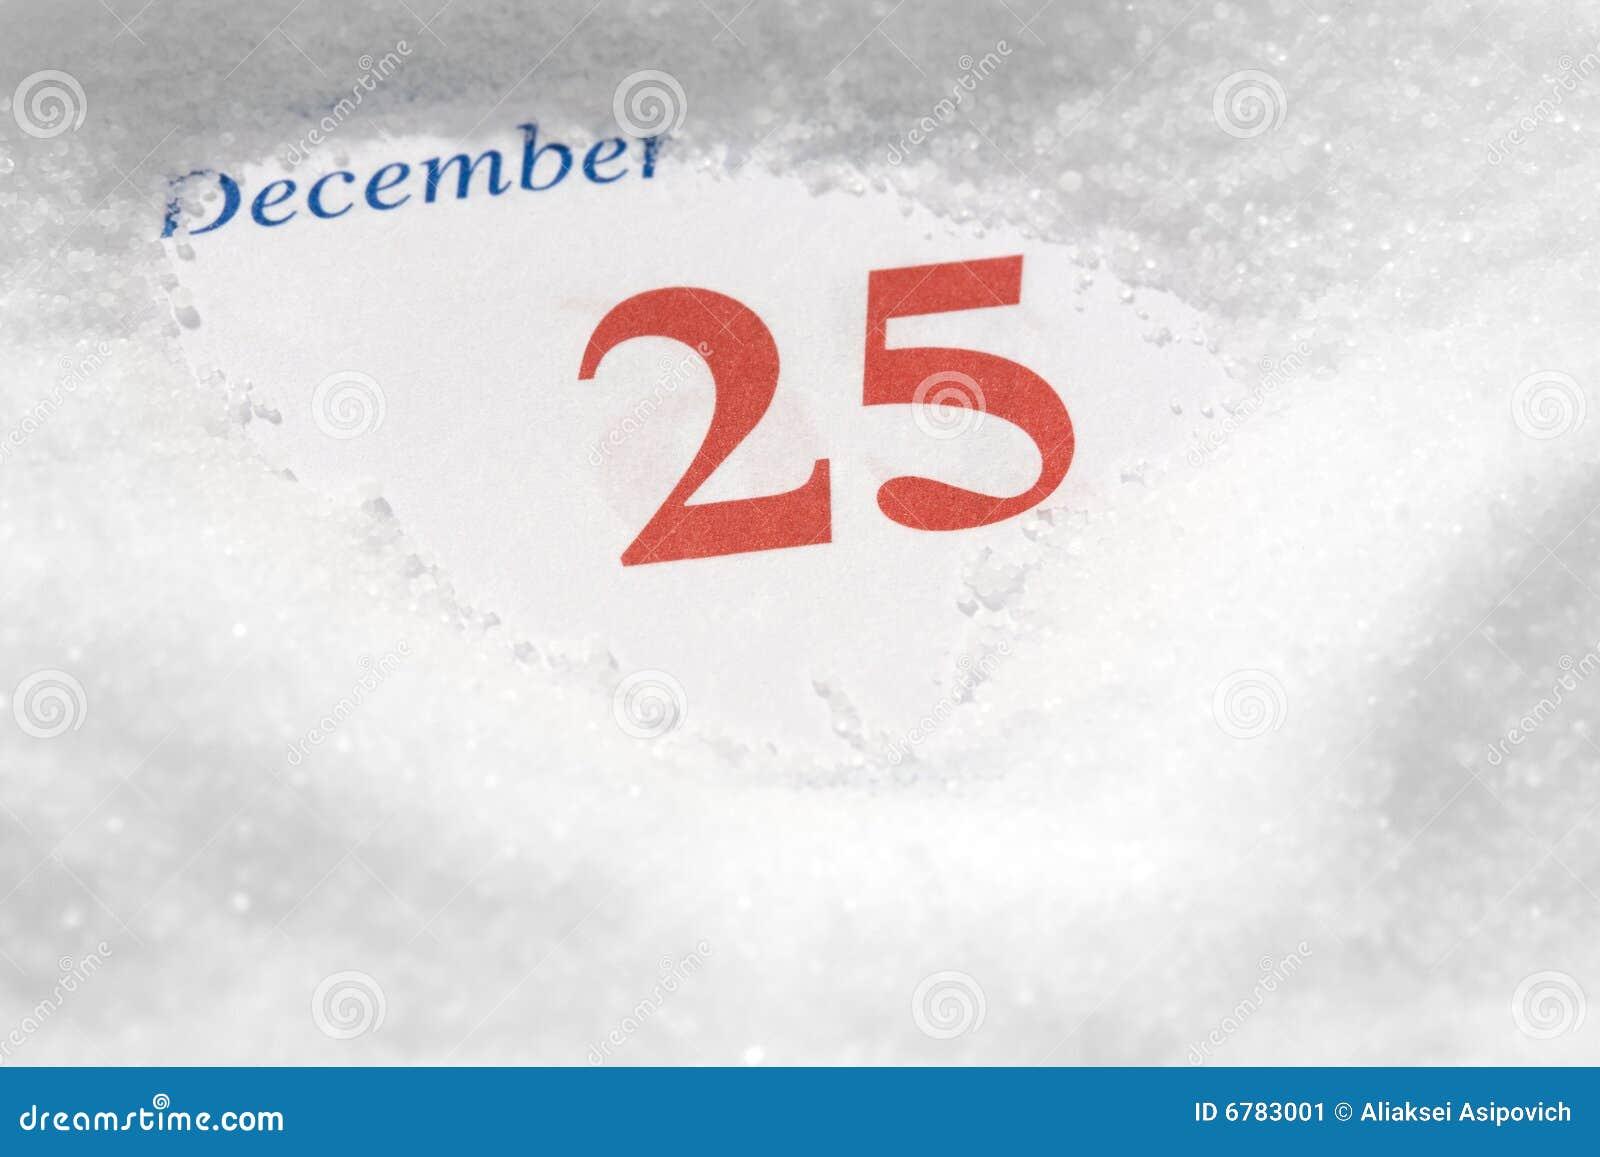 Wooden Christmas Calendar